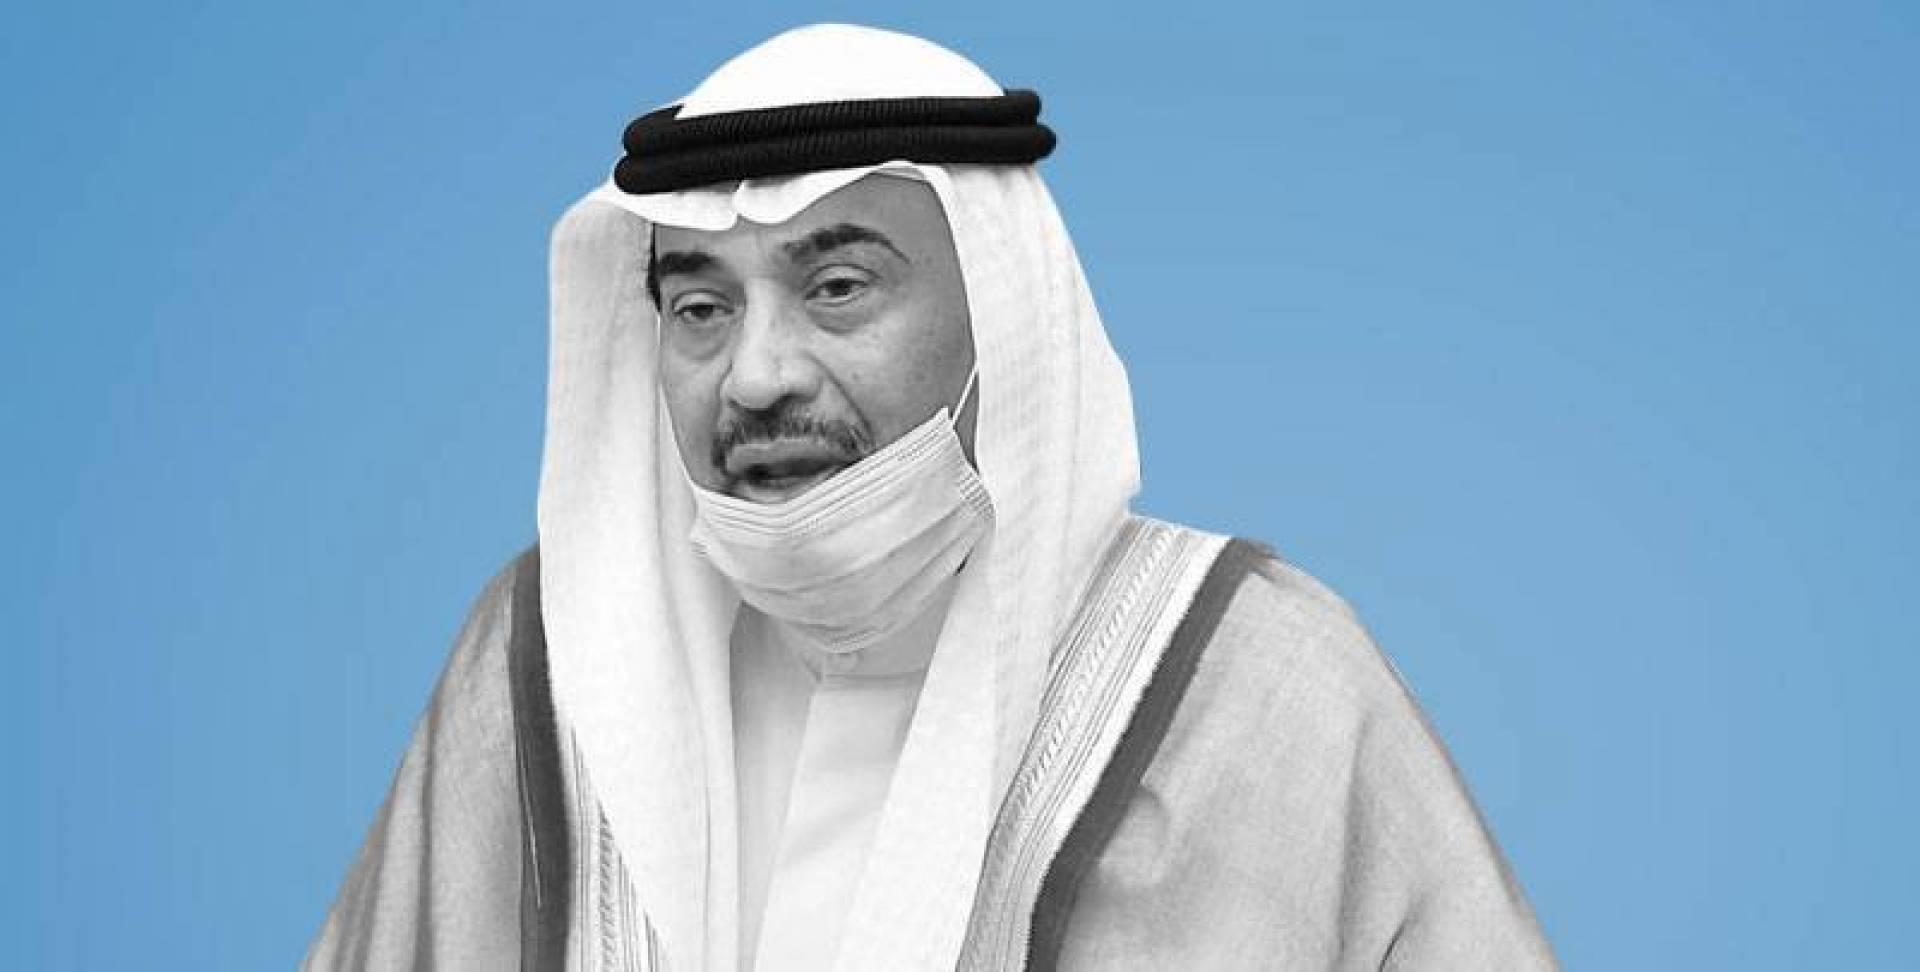 الخالد يواجه الفساد بشجاعة غير مسبوقة.. لأجل صورة الكويت